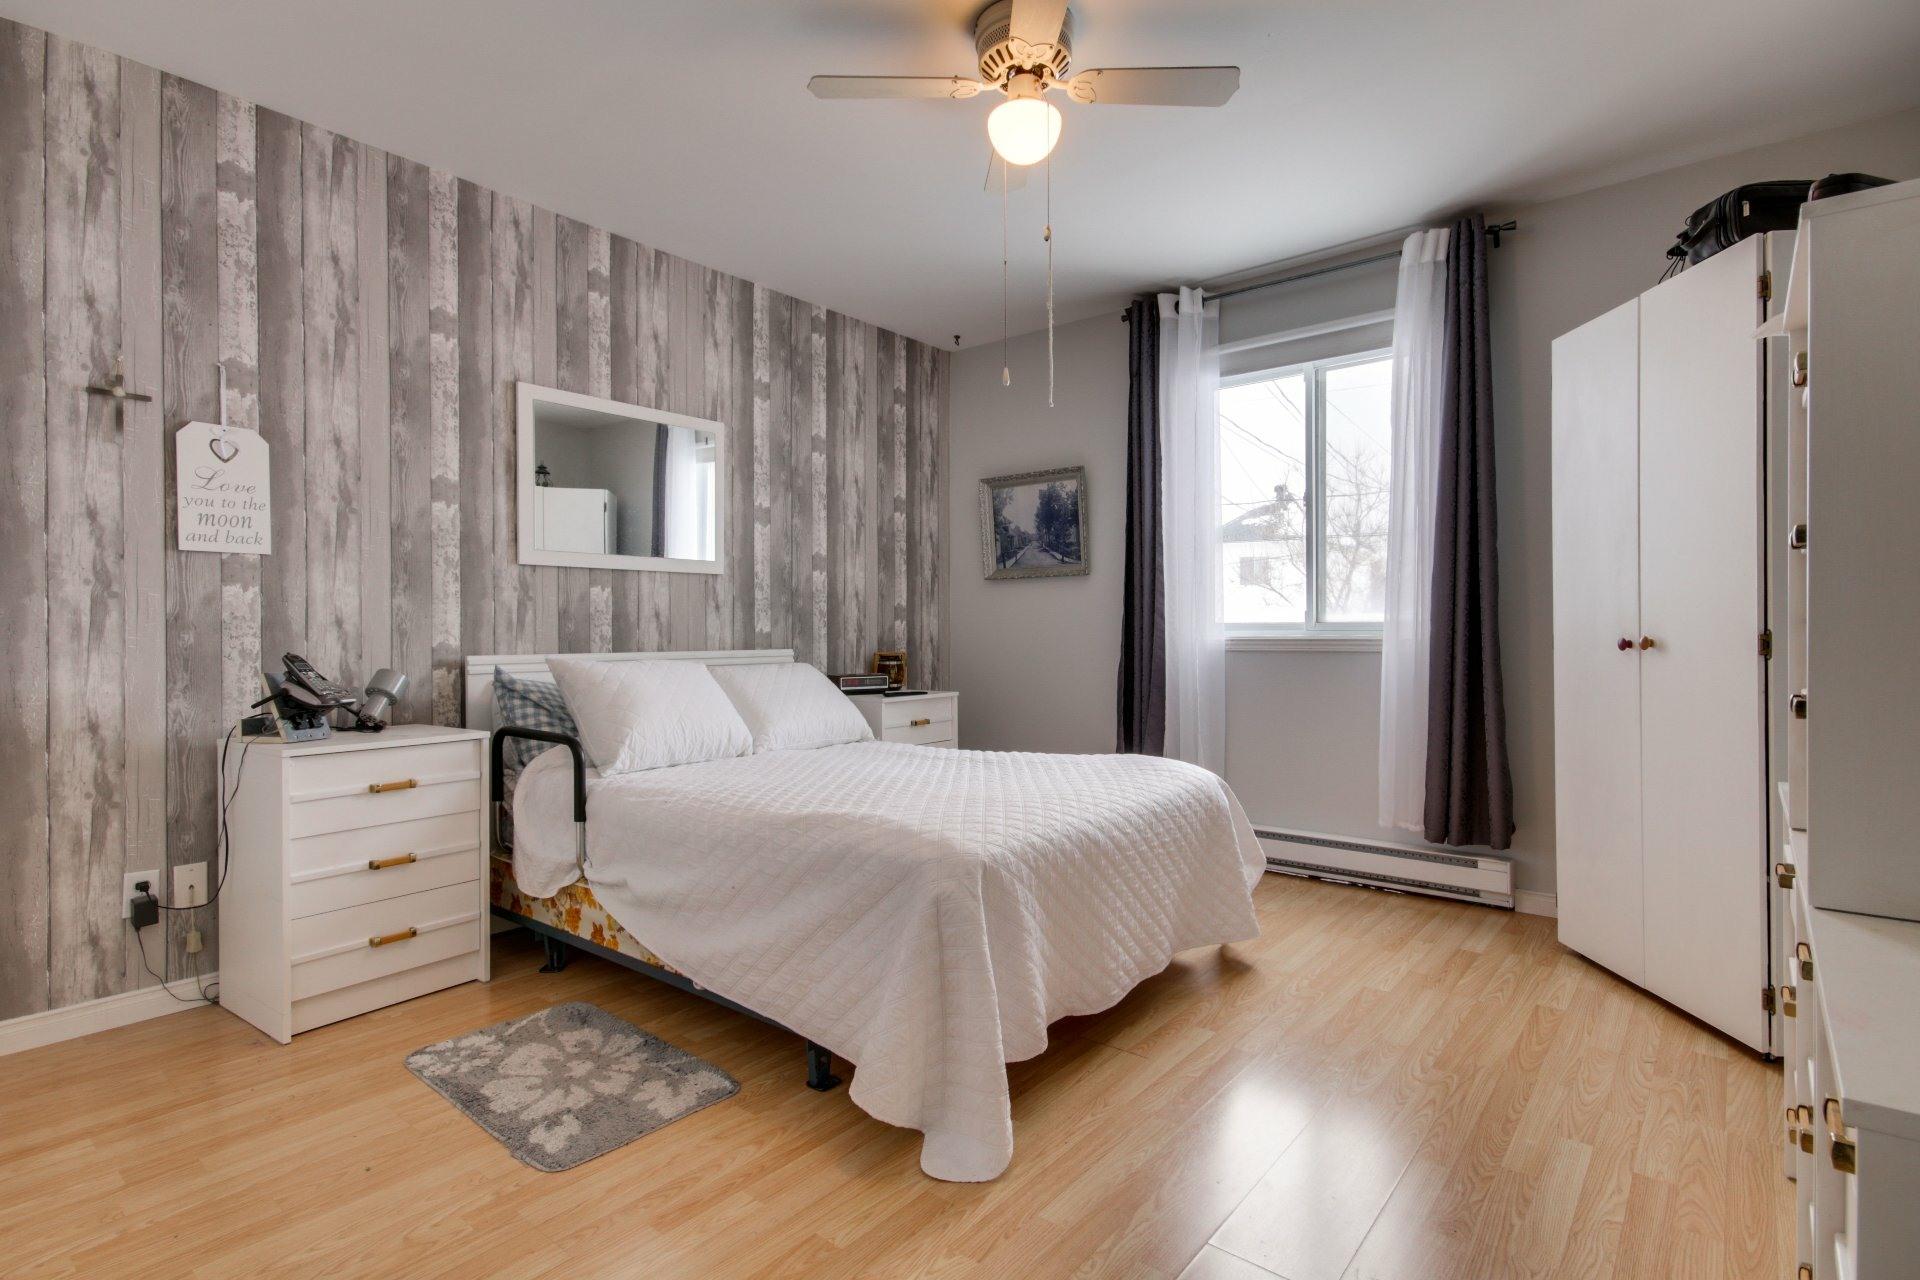 image 16 - House For sale Trois-Rivières - 10 rooms